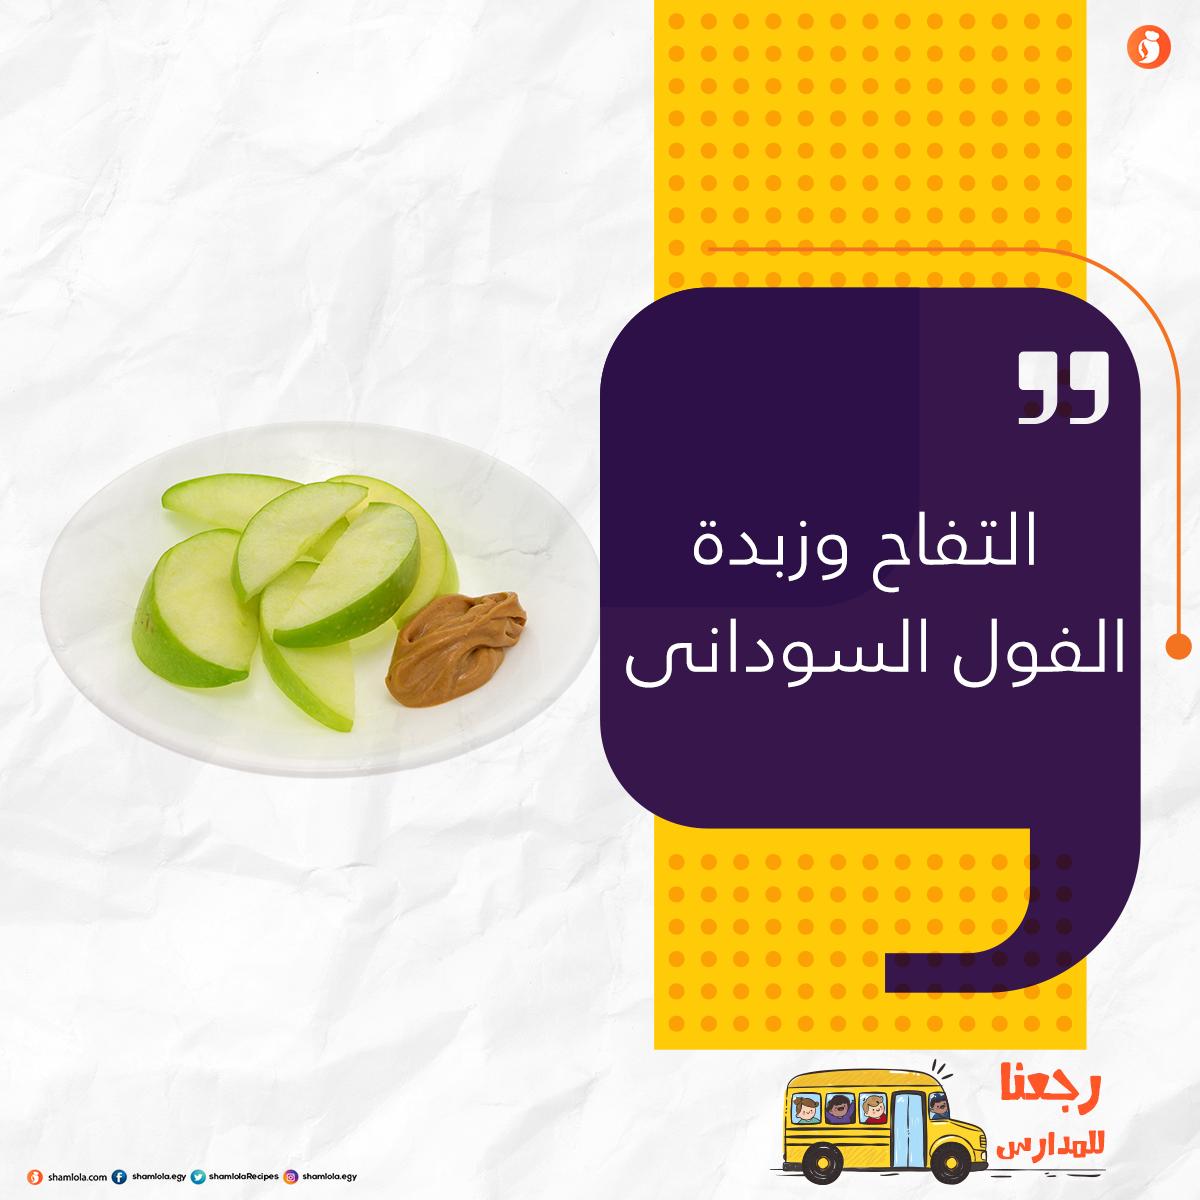 التفاح وزبدة الفول السودانى وجبة خفيفة وصحية لأن التفاح بيوفر الألياف والكربوهيدرات المهمة لخلق للطاقة أما زبدة الفول السودانى بالدهون غير المشبعة الصحية